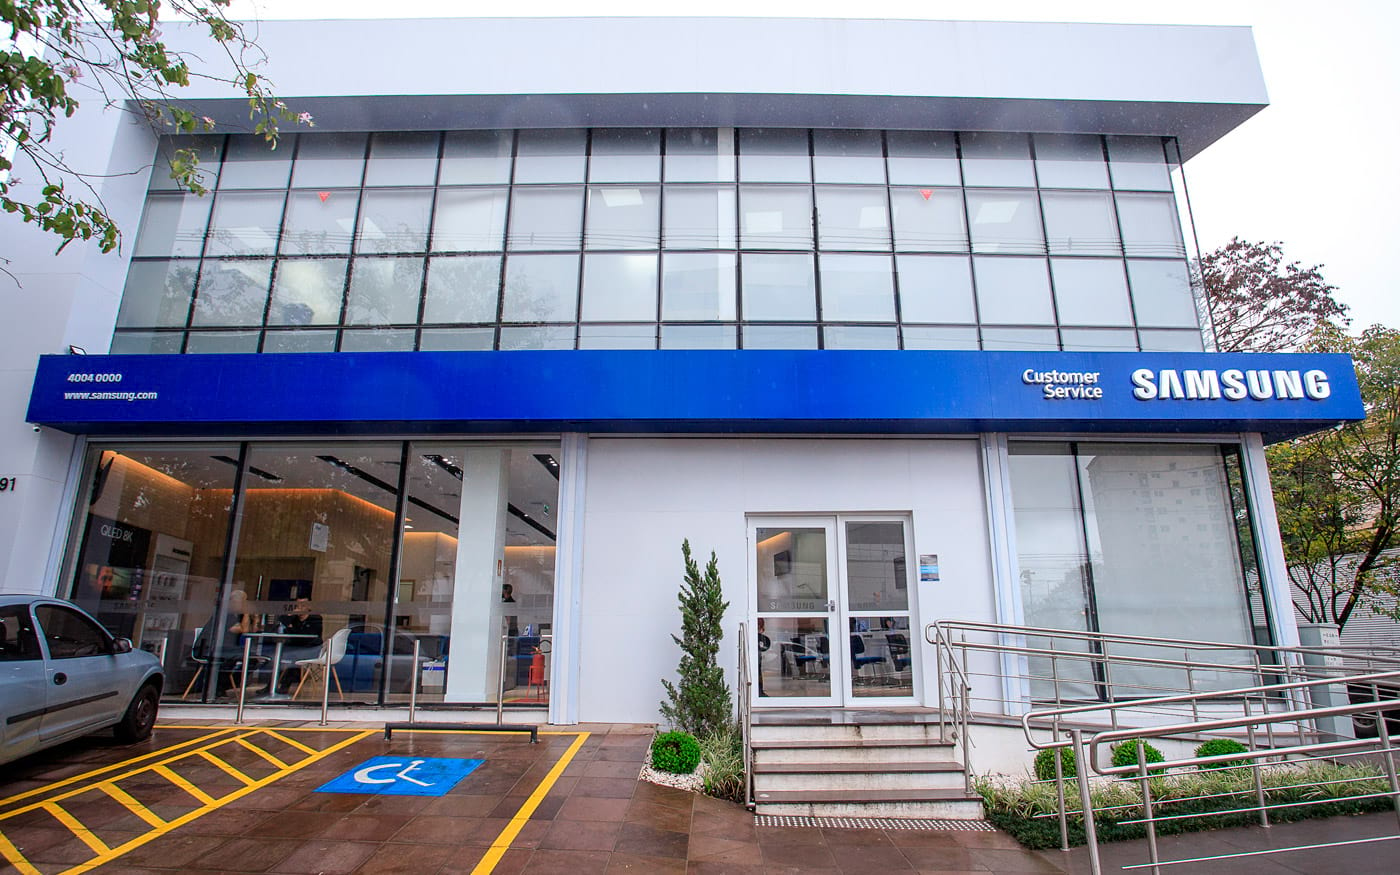 Samsung inaugura Centro de Serviços em Porto Alegre